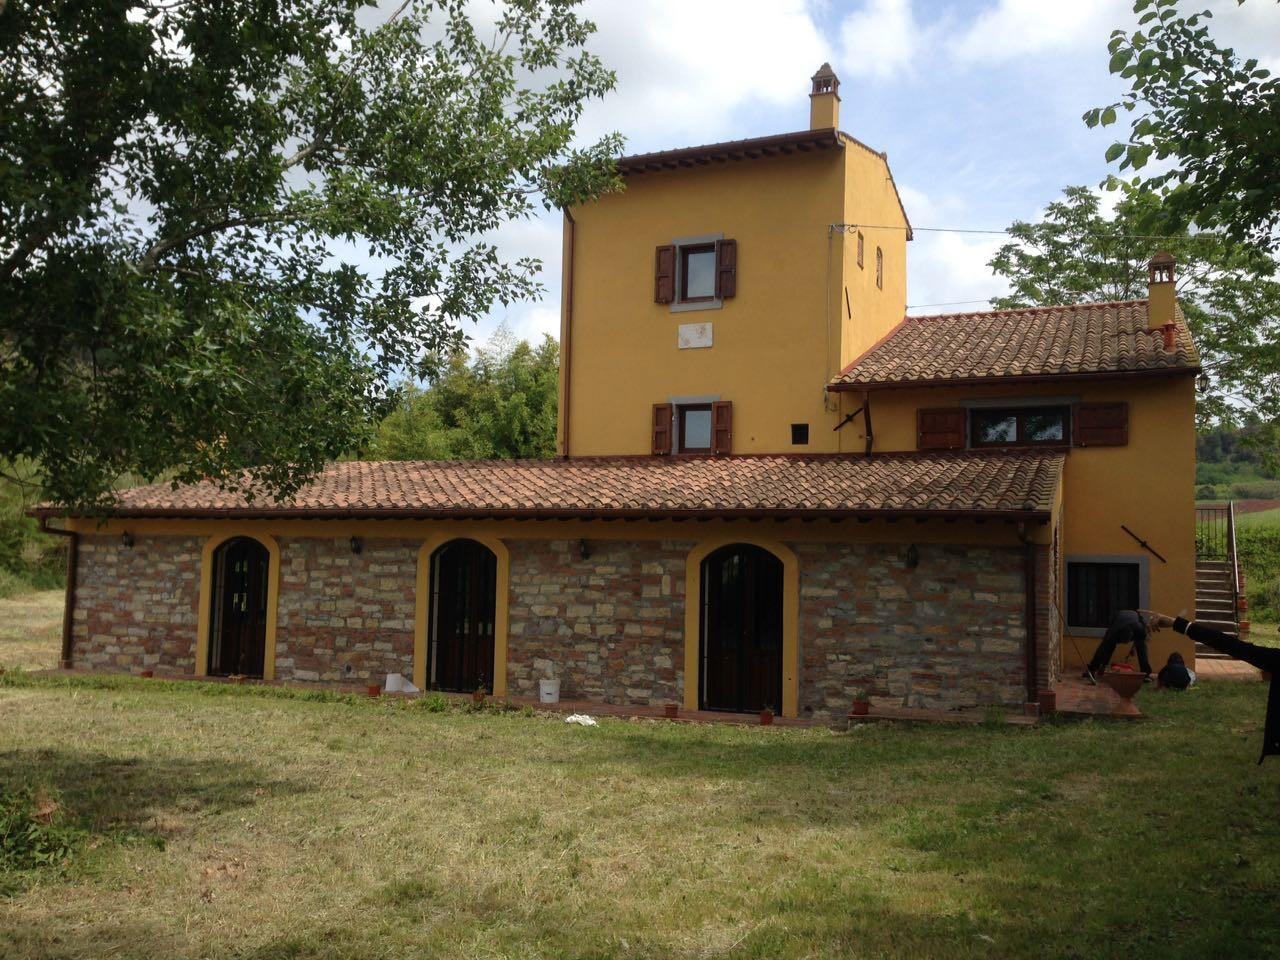 Rustico in vendita a Sant'ermo, Casciana Terme Lari (PI)